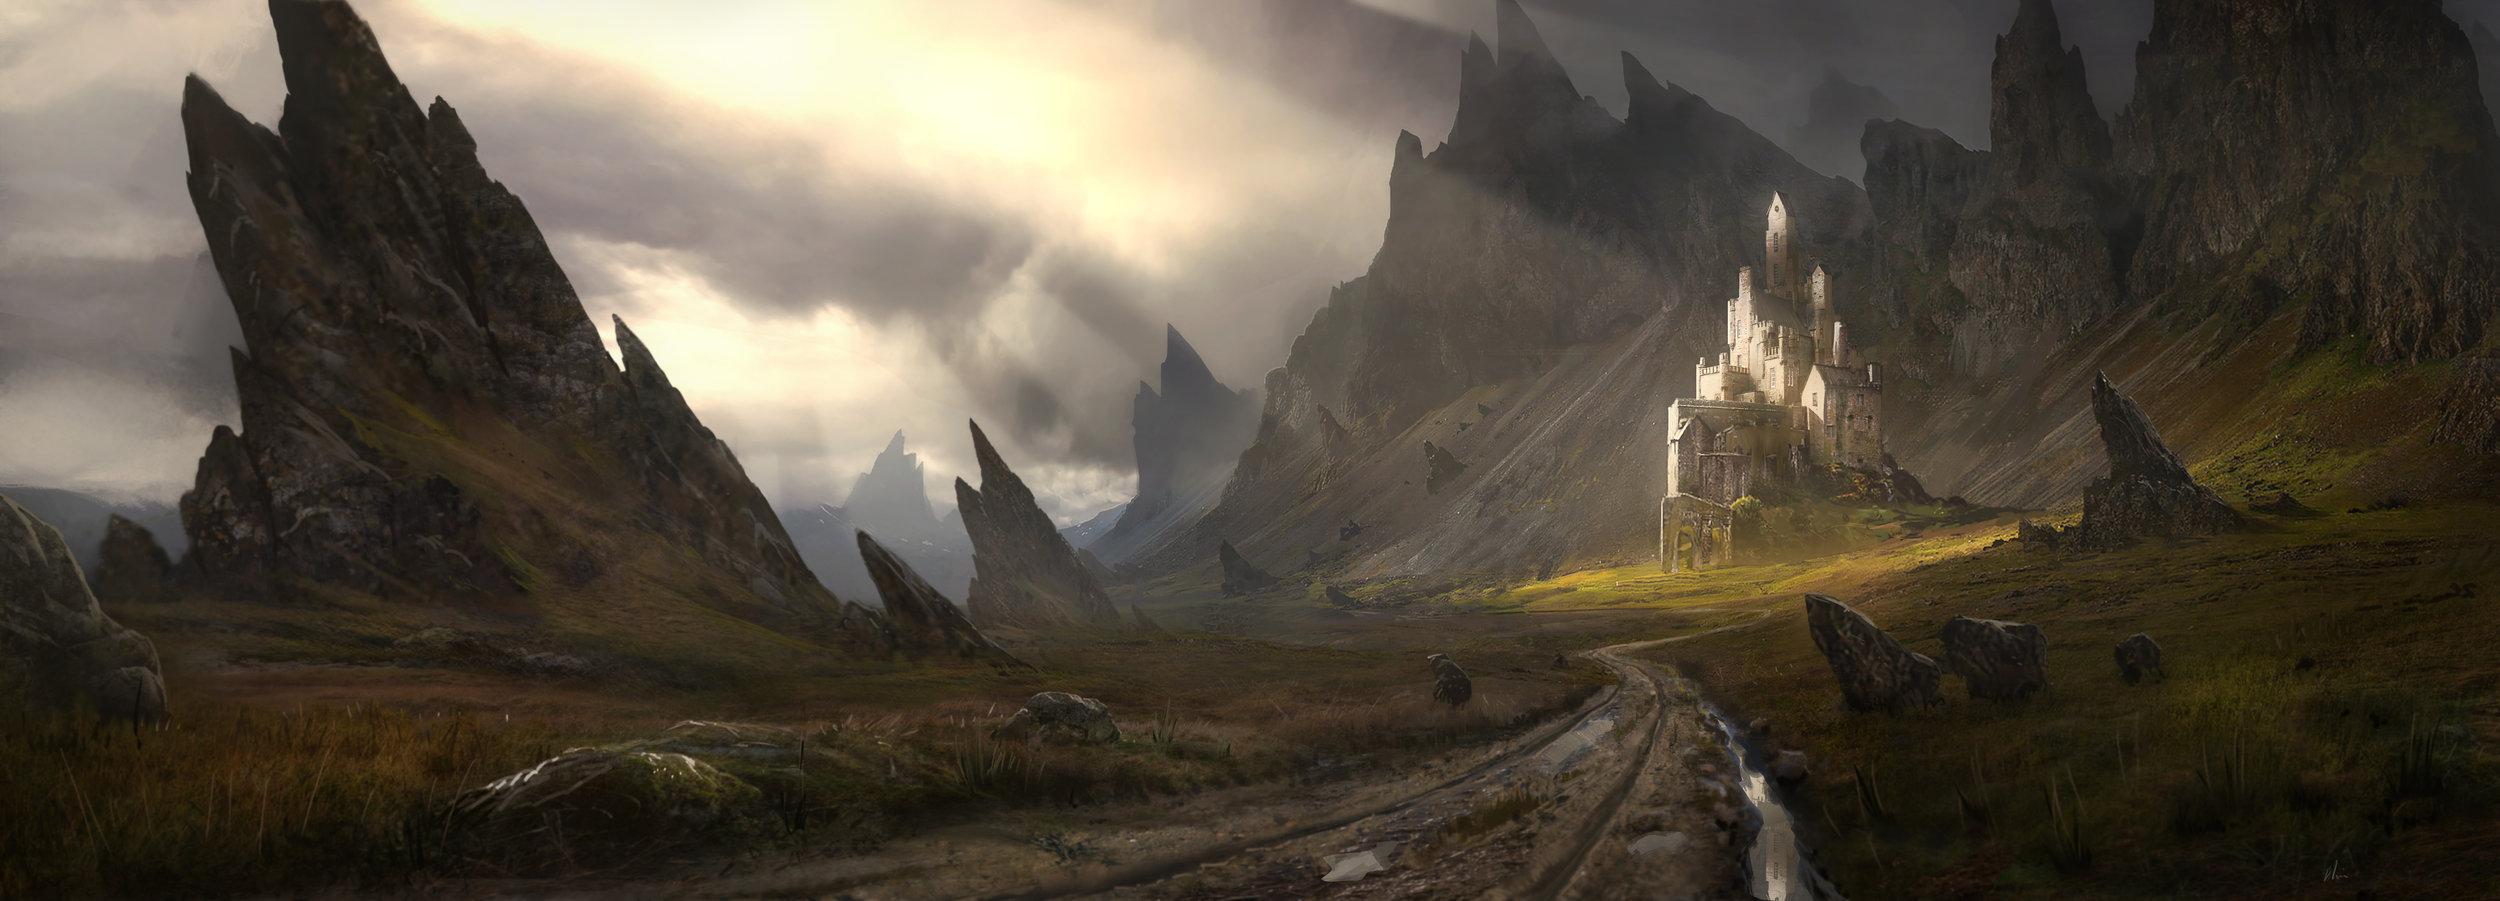 1886-isolated-castle-brent-minehan